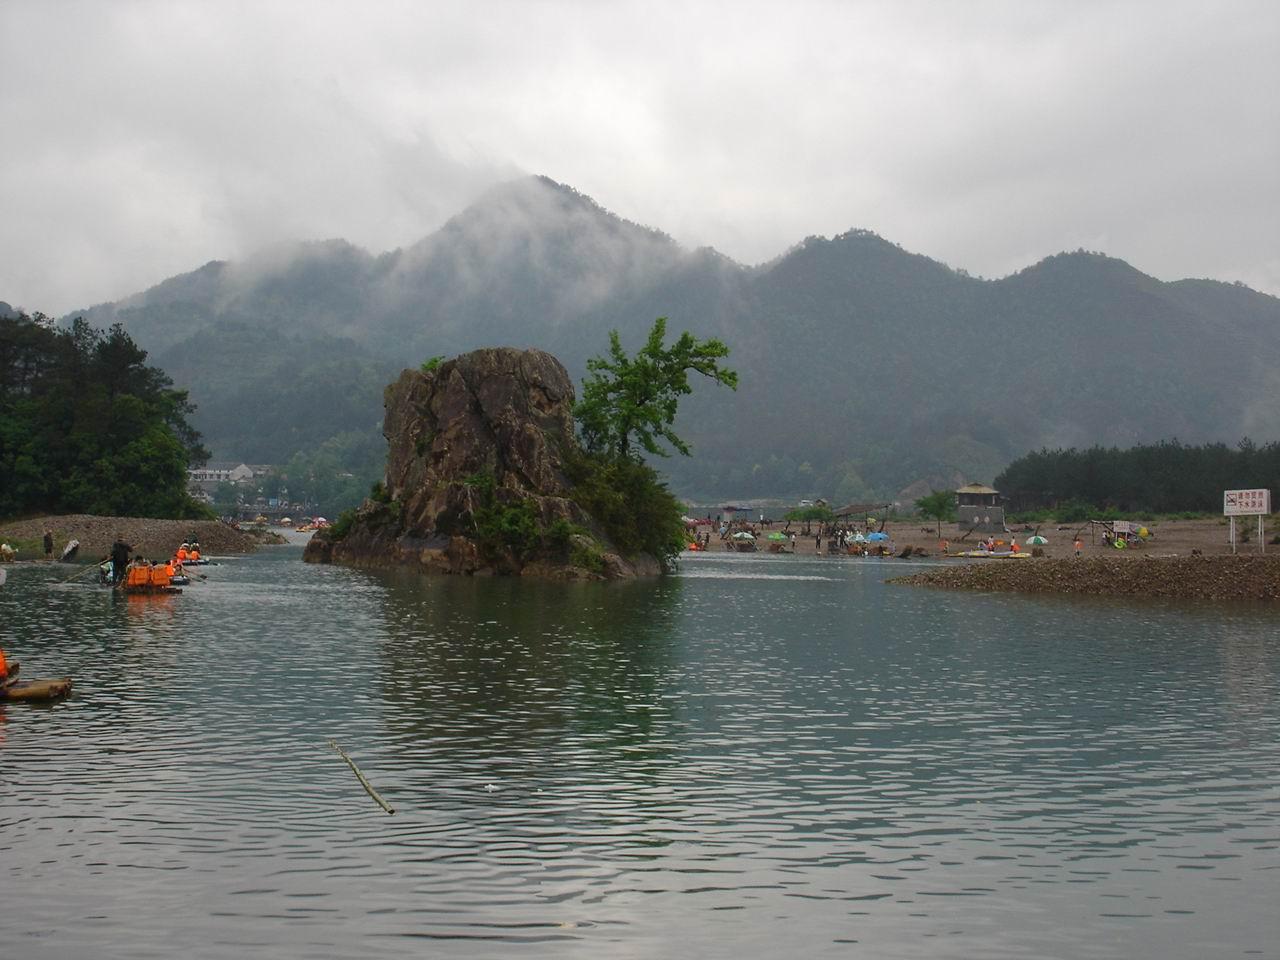 楠溪江入口的小岛,象是神仙岛